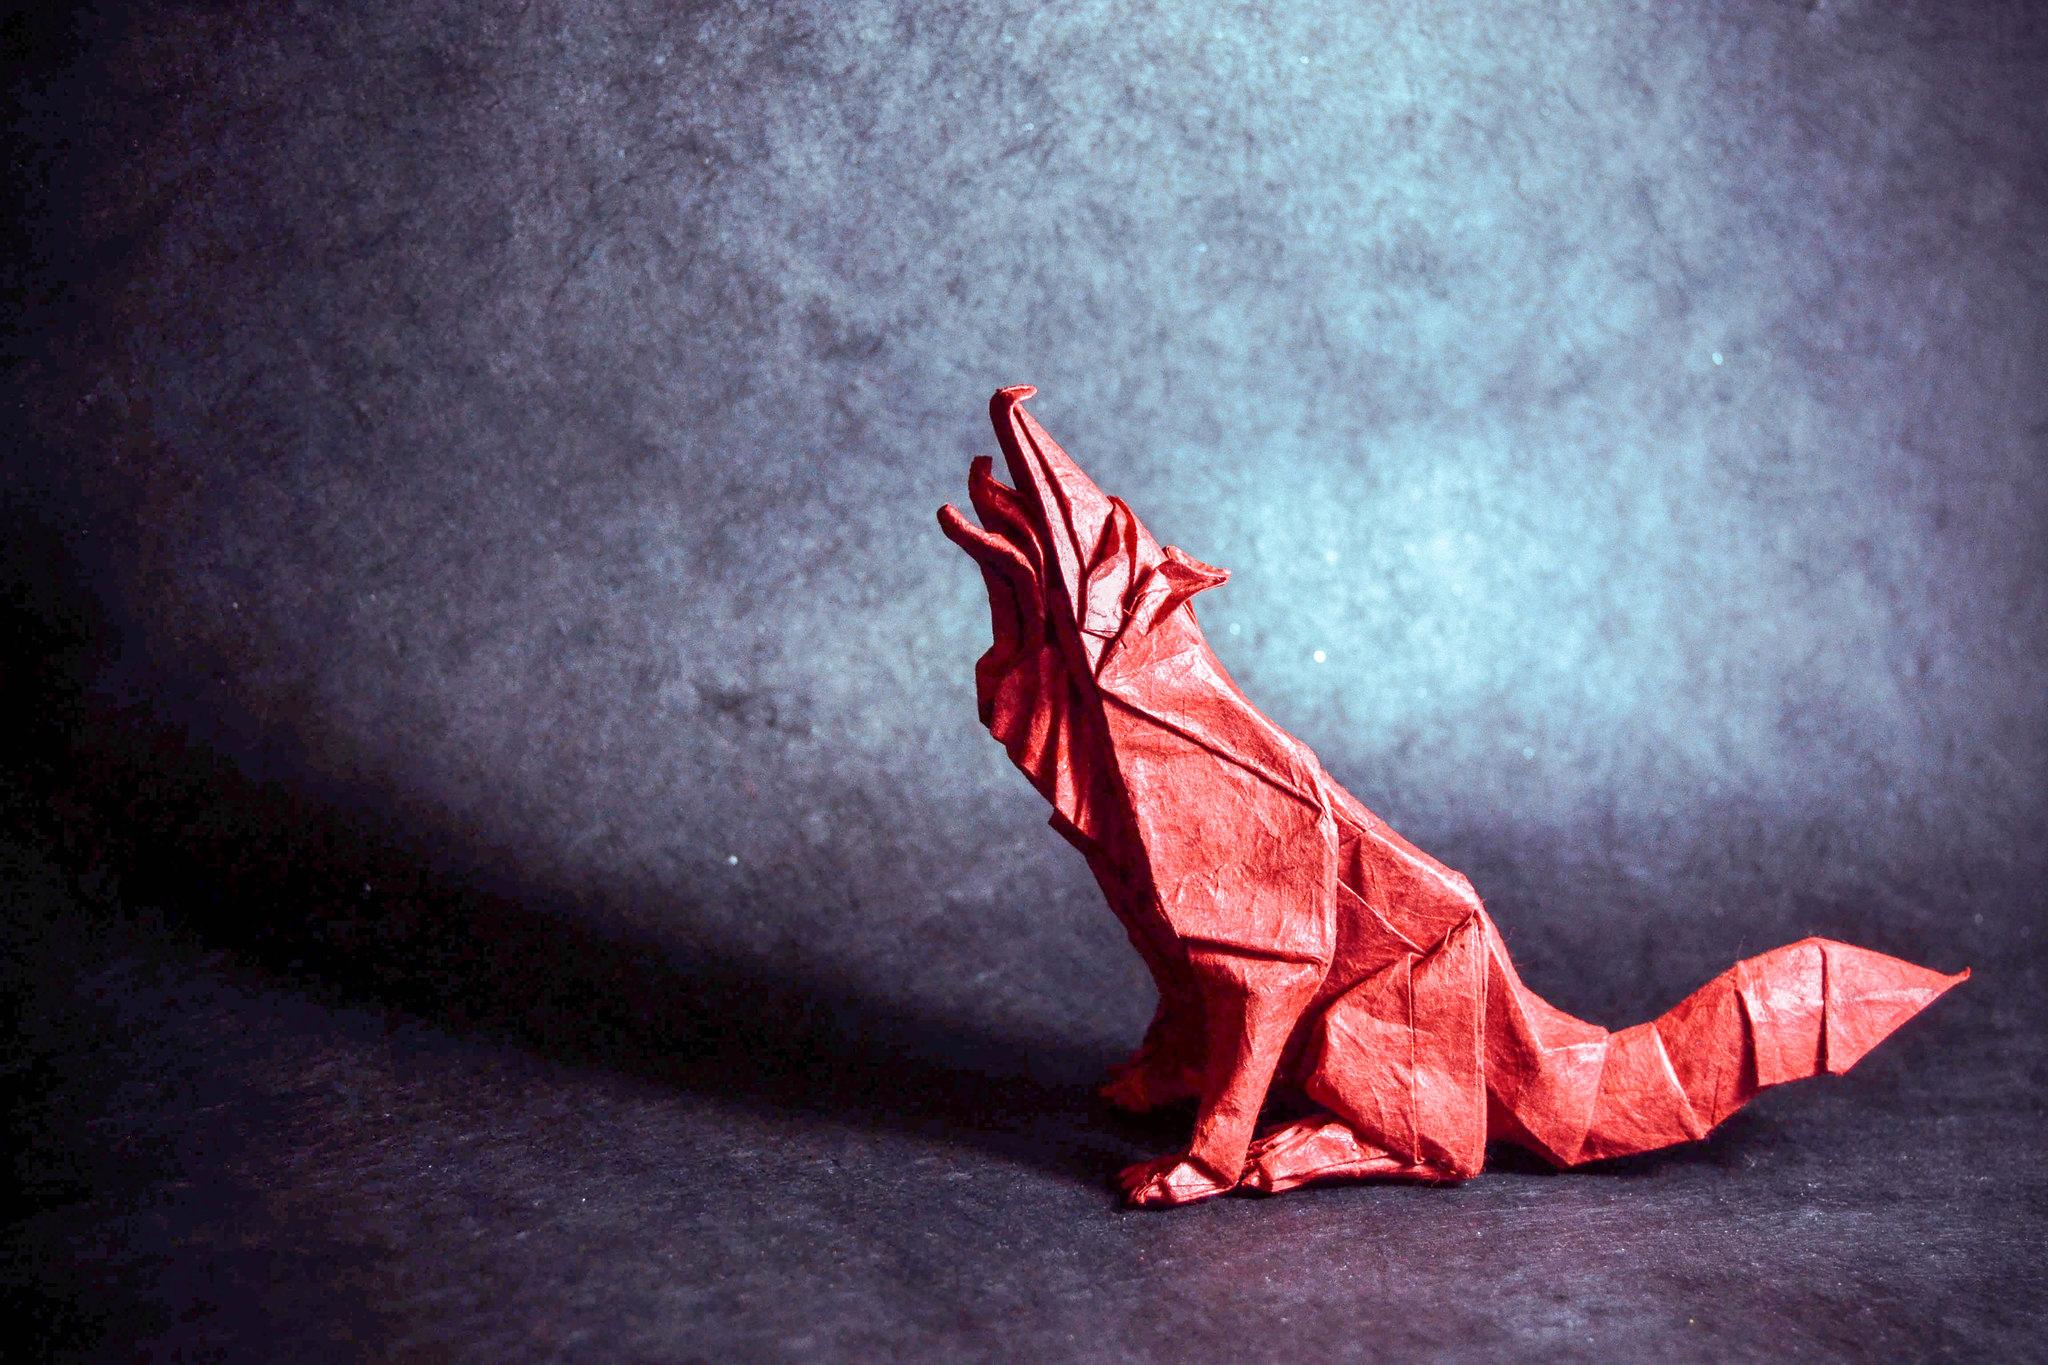 Origami Grey Wolf - Quentin Trollip